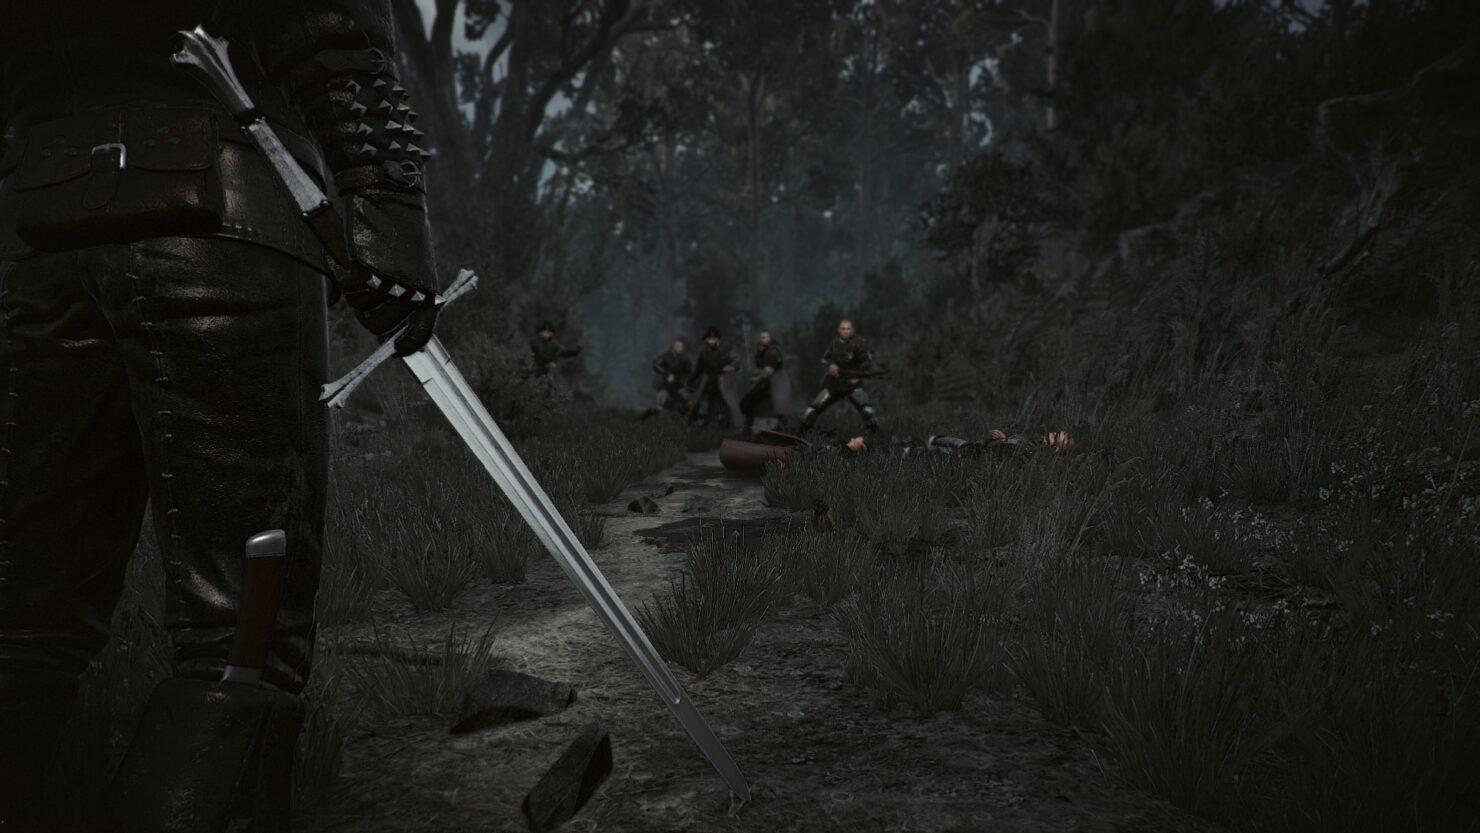 witcher-3-armor-mod-2